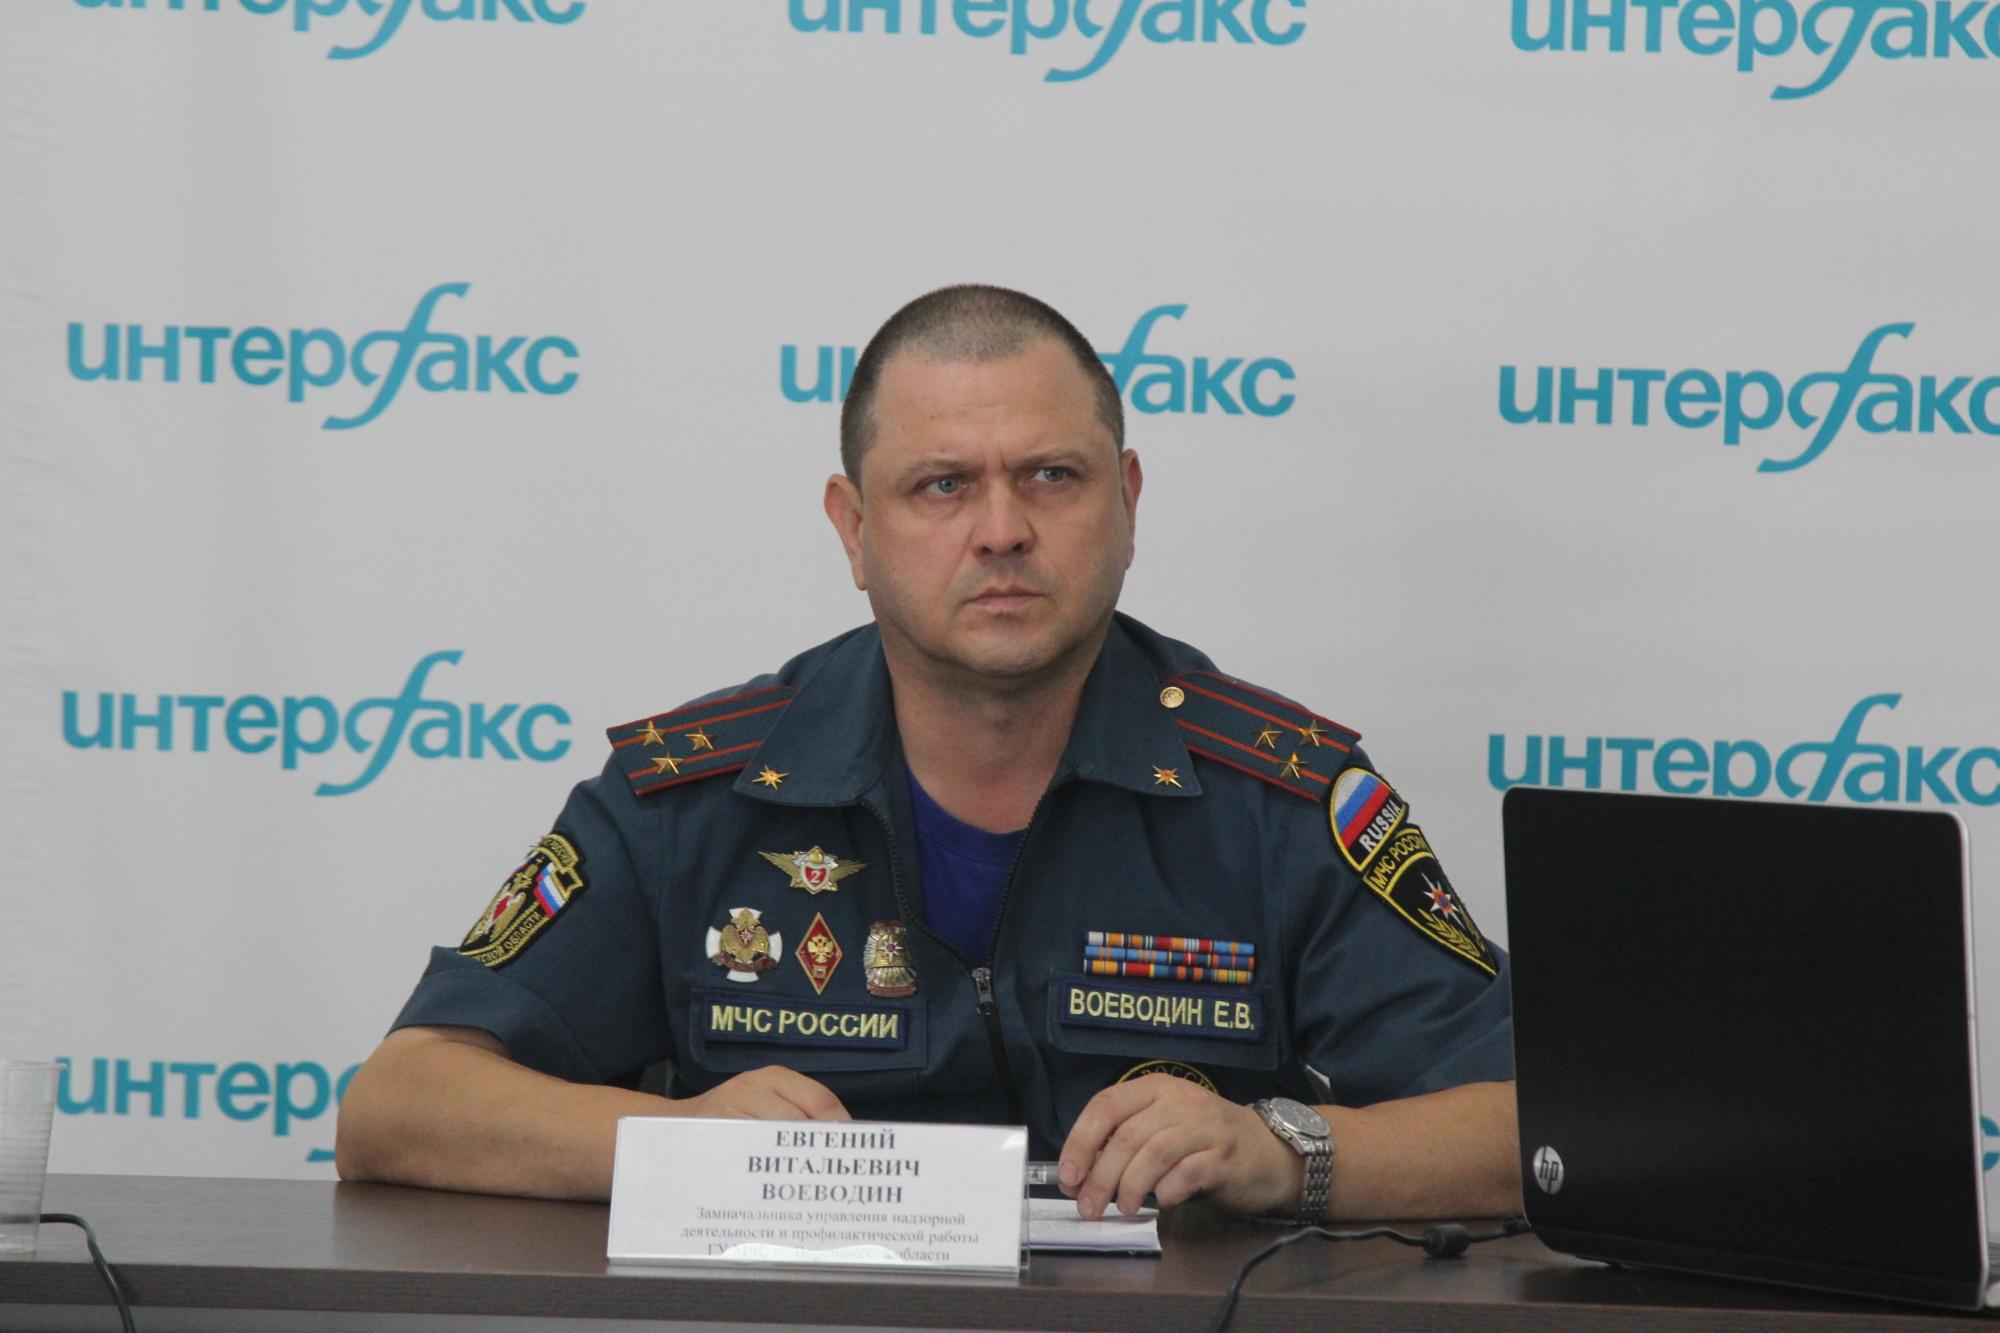 Евгений Воеводин.